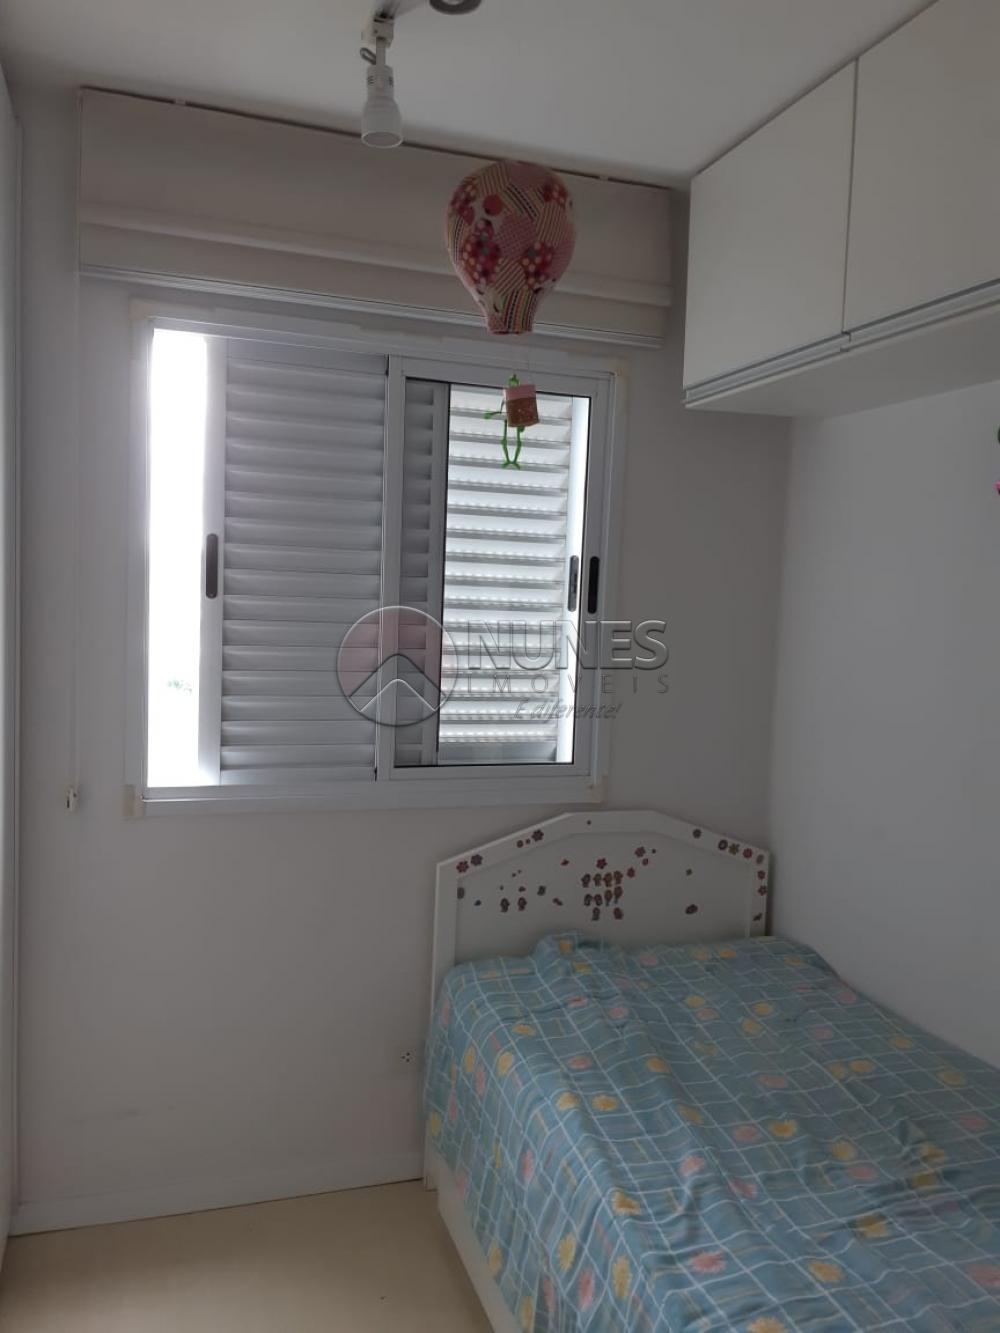 Comprar Apartamento / Padrão em São Paulo apenas R$ 550.000,00 - Foto 12